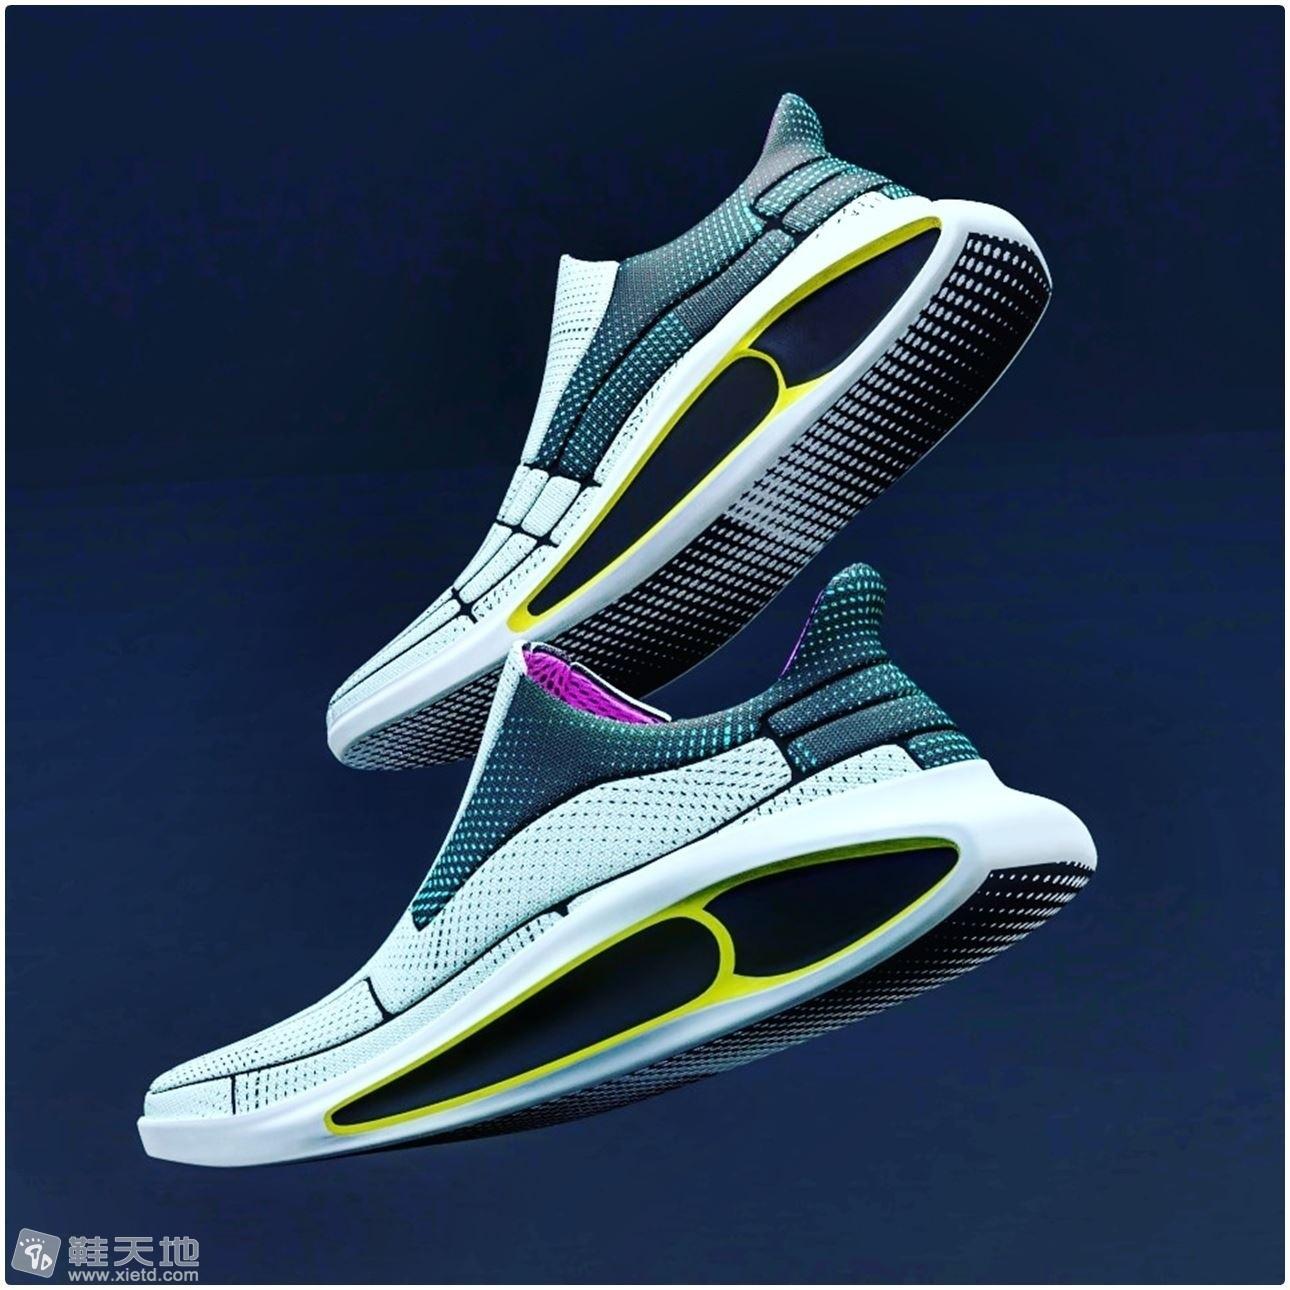 Sneaker concept (3).jpg